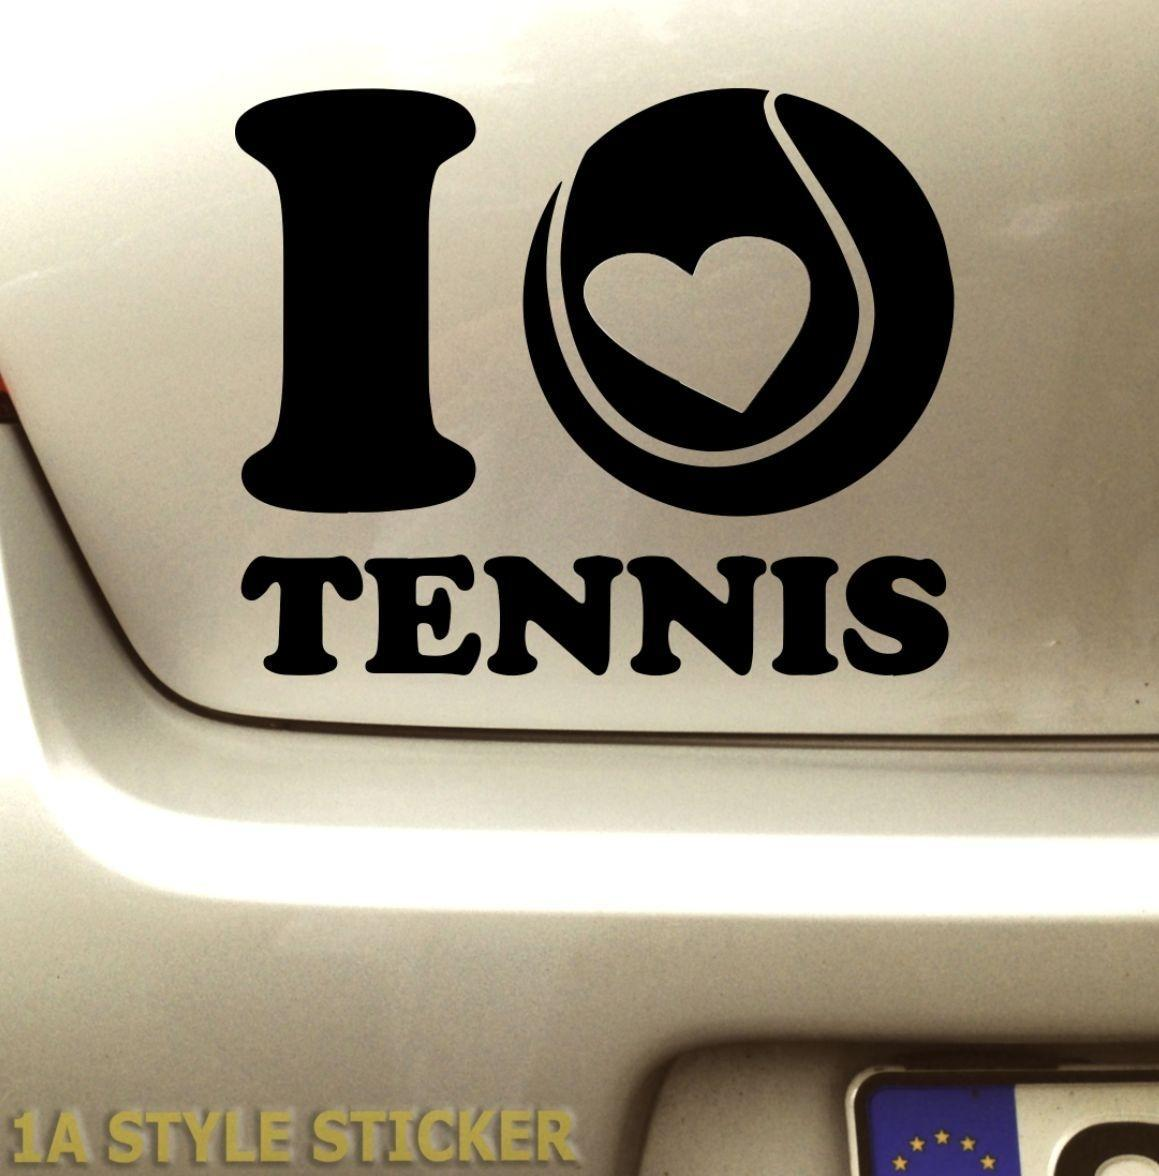 quality design 02148 67557 Car styling for i LOVE TENNIS Aufkleber Tennisschlager Tennisballe  Tennisbekleidung Tennis